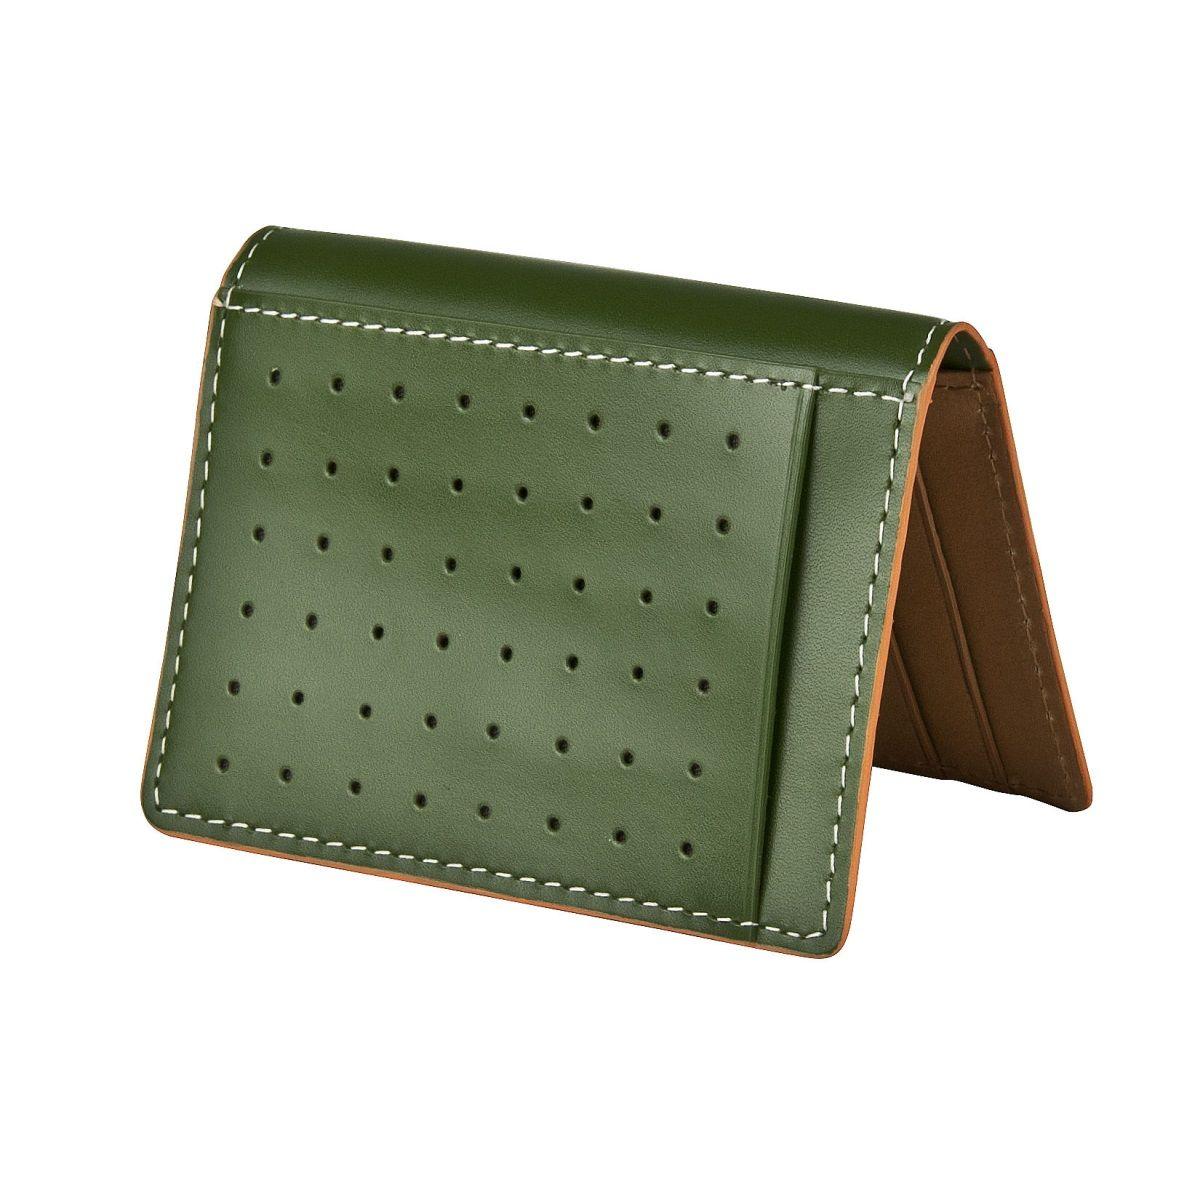 J.FOLD ארנק עור Folding Carrier  - ירוק